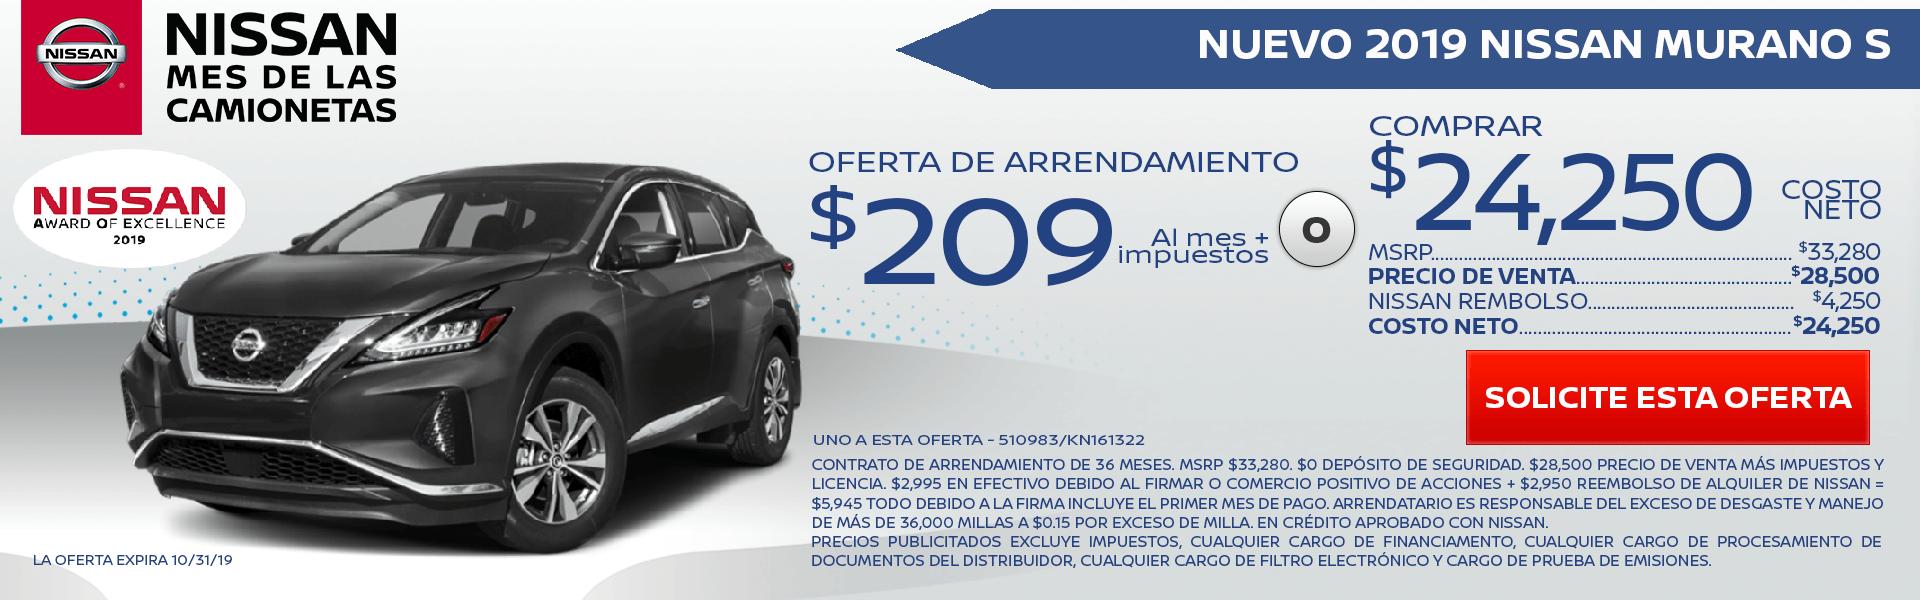 Mire estas nuevas ofertas especiales de alquiler y financiamiento para el flamante Nissan Murano. ¡Pida más información a nuestro concesionario de El Monte!